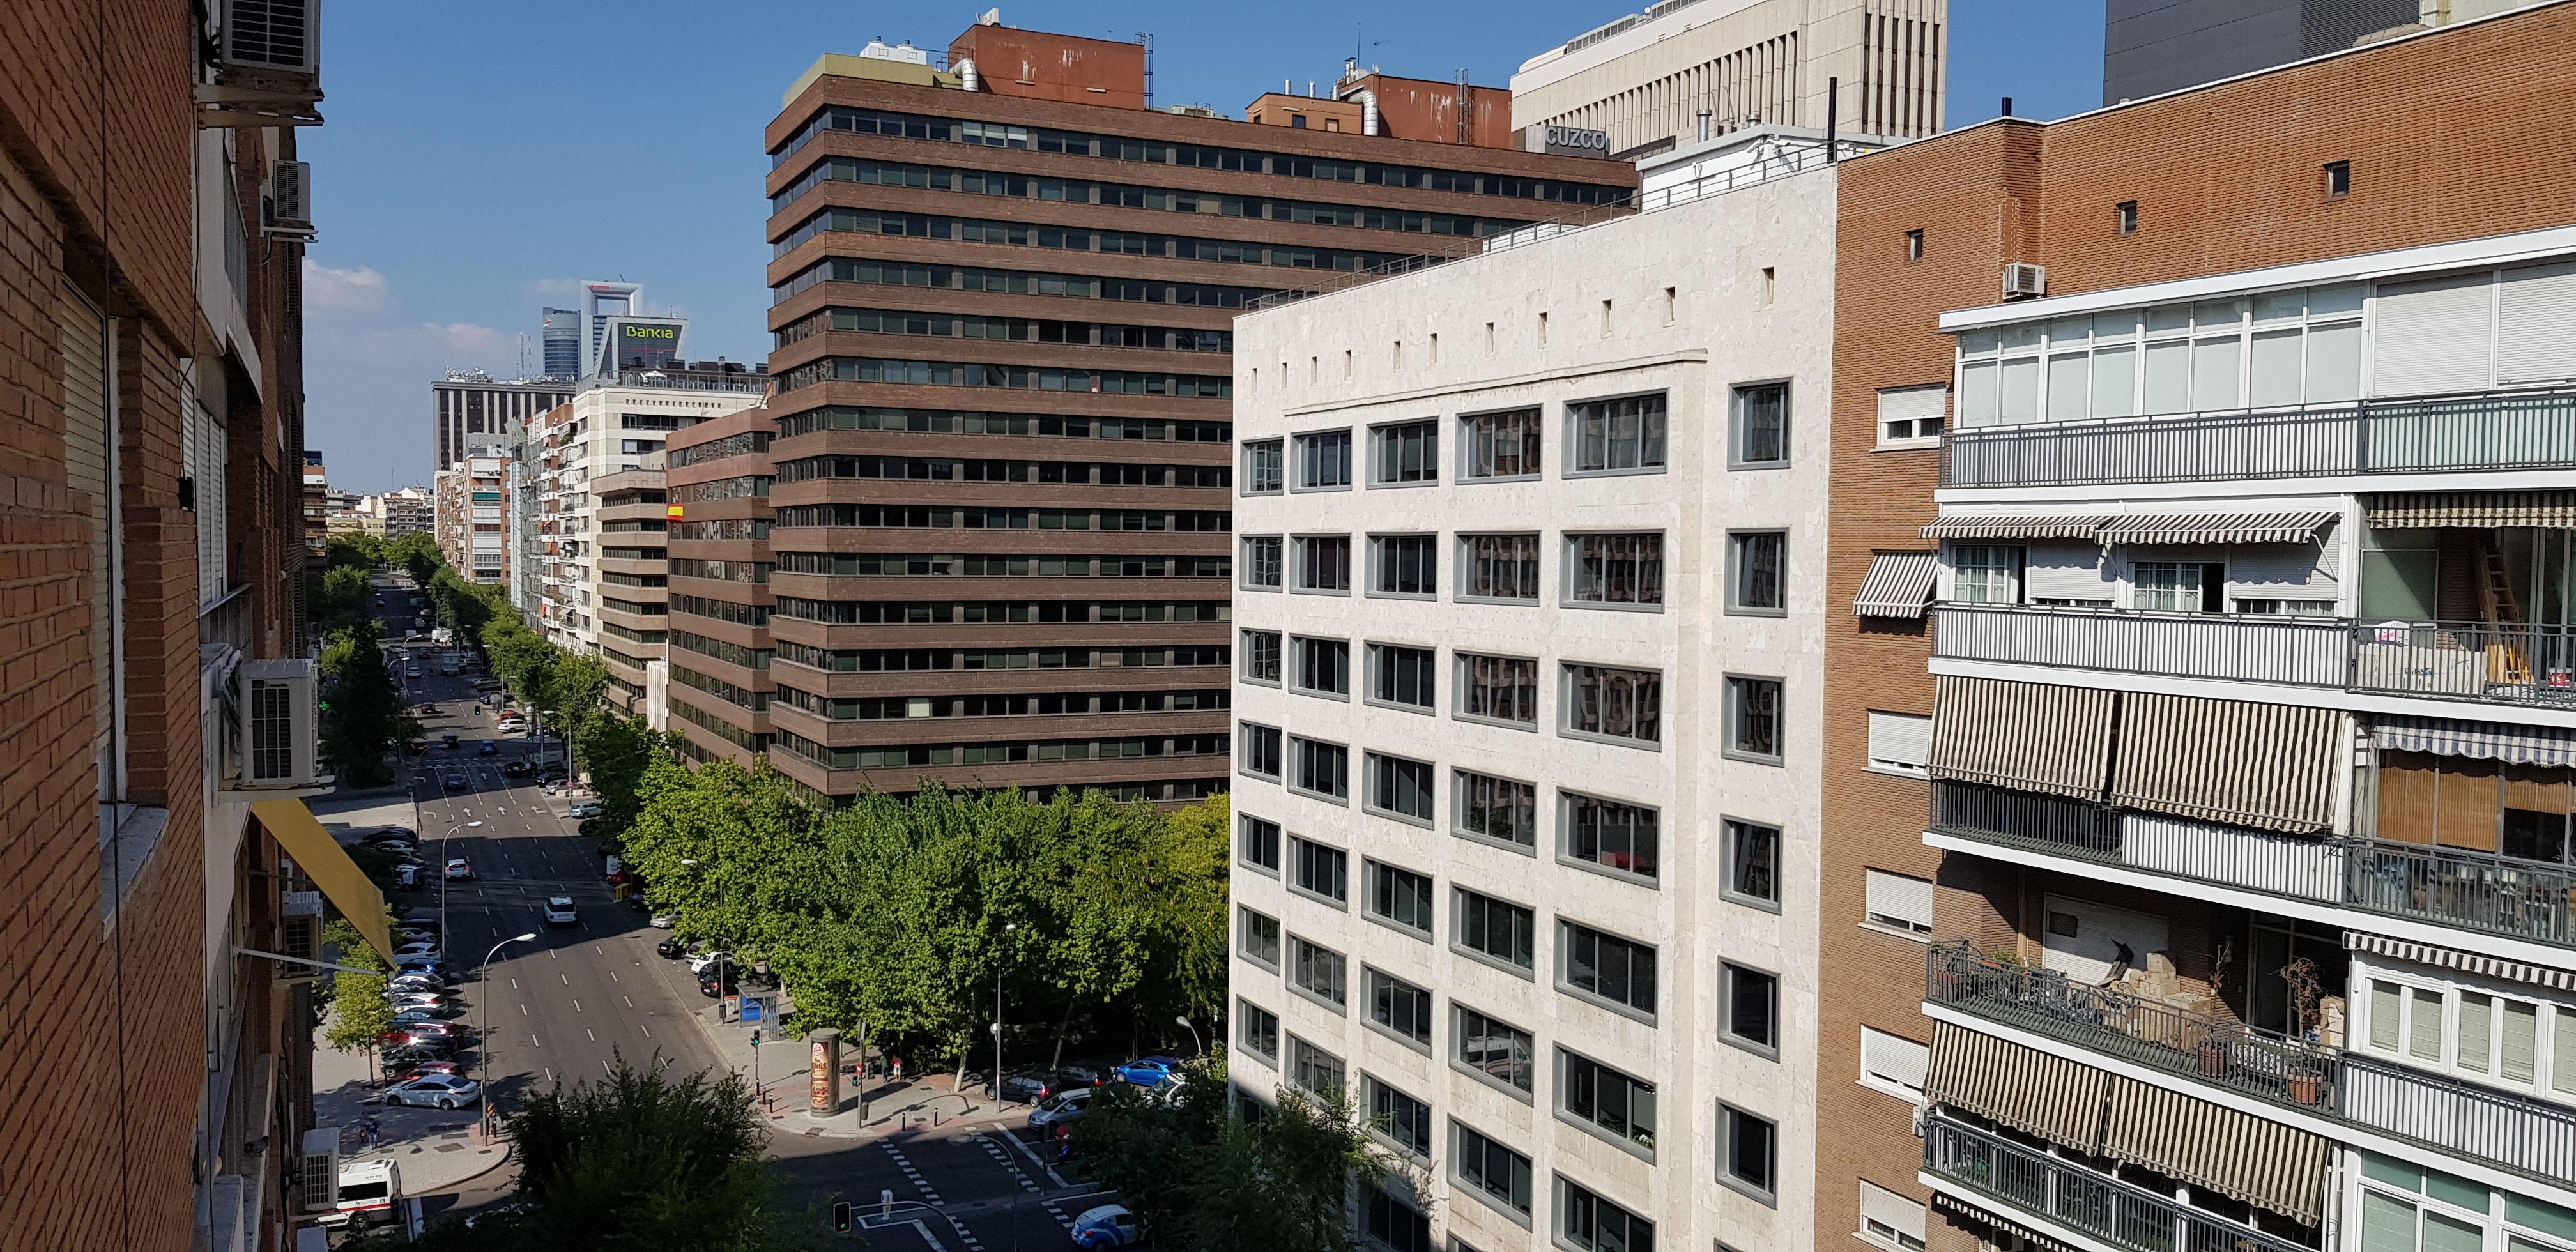 Mudanzas baratas en Madrid con la maxima profecionalidad